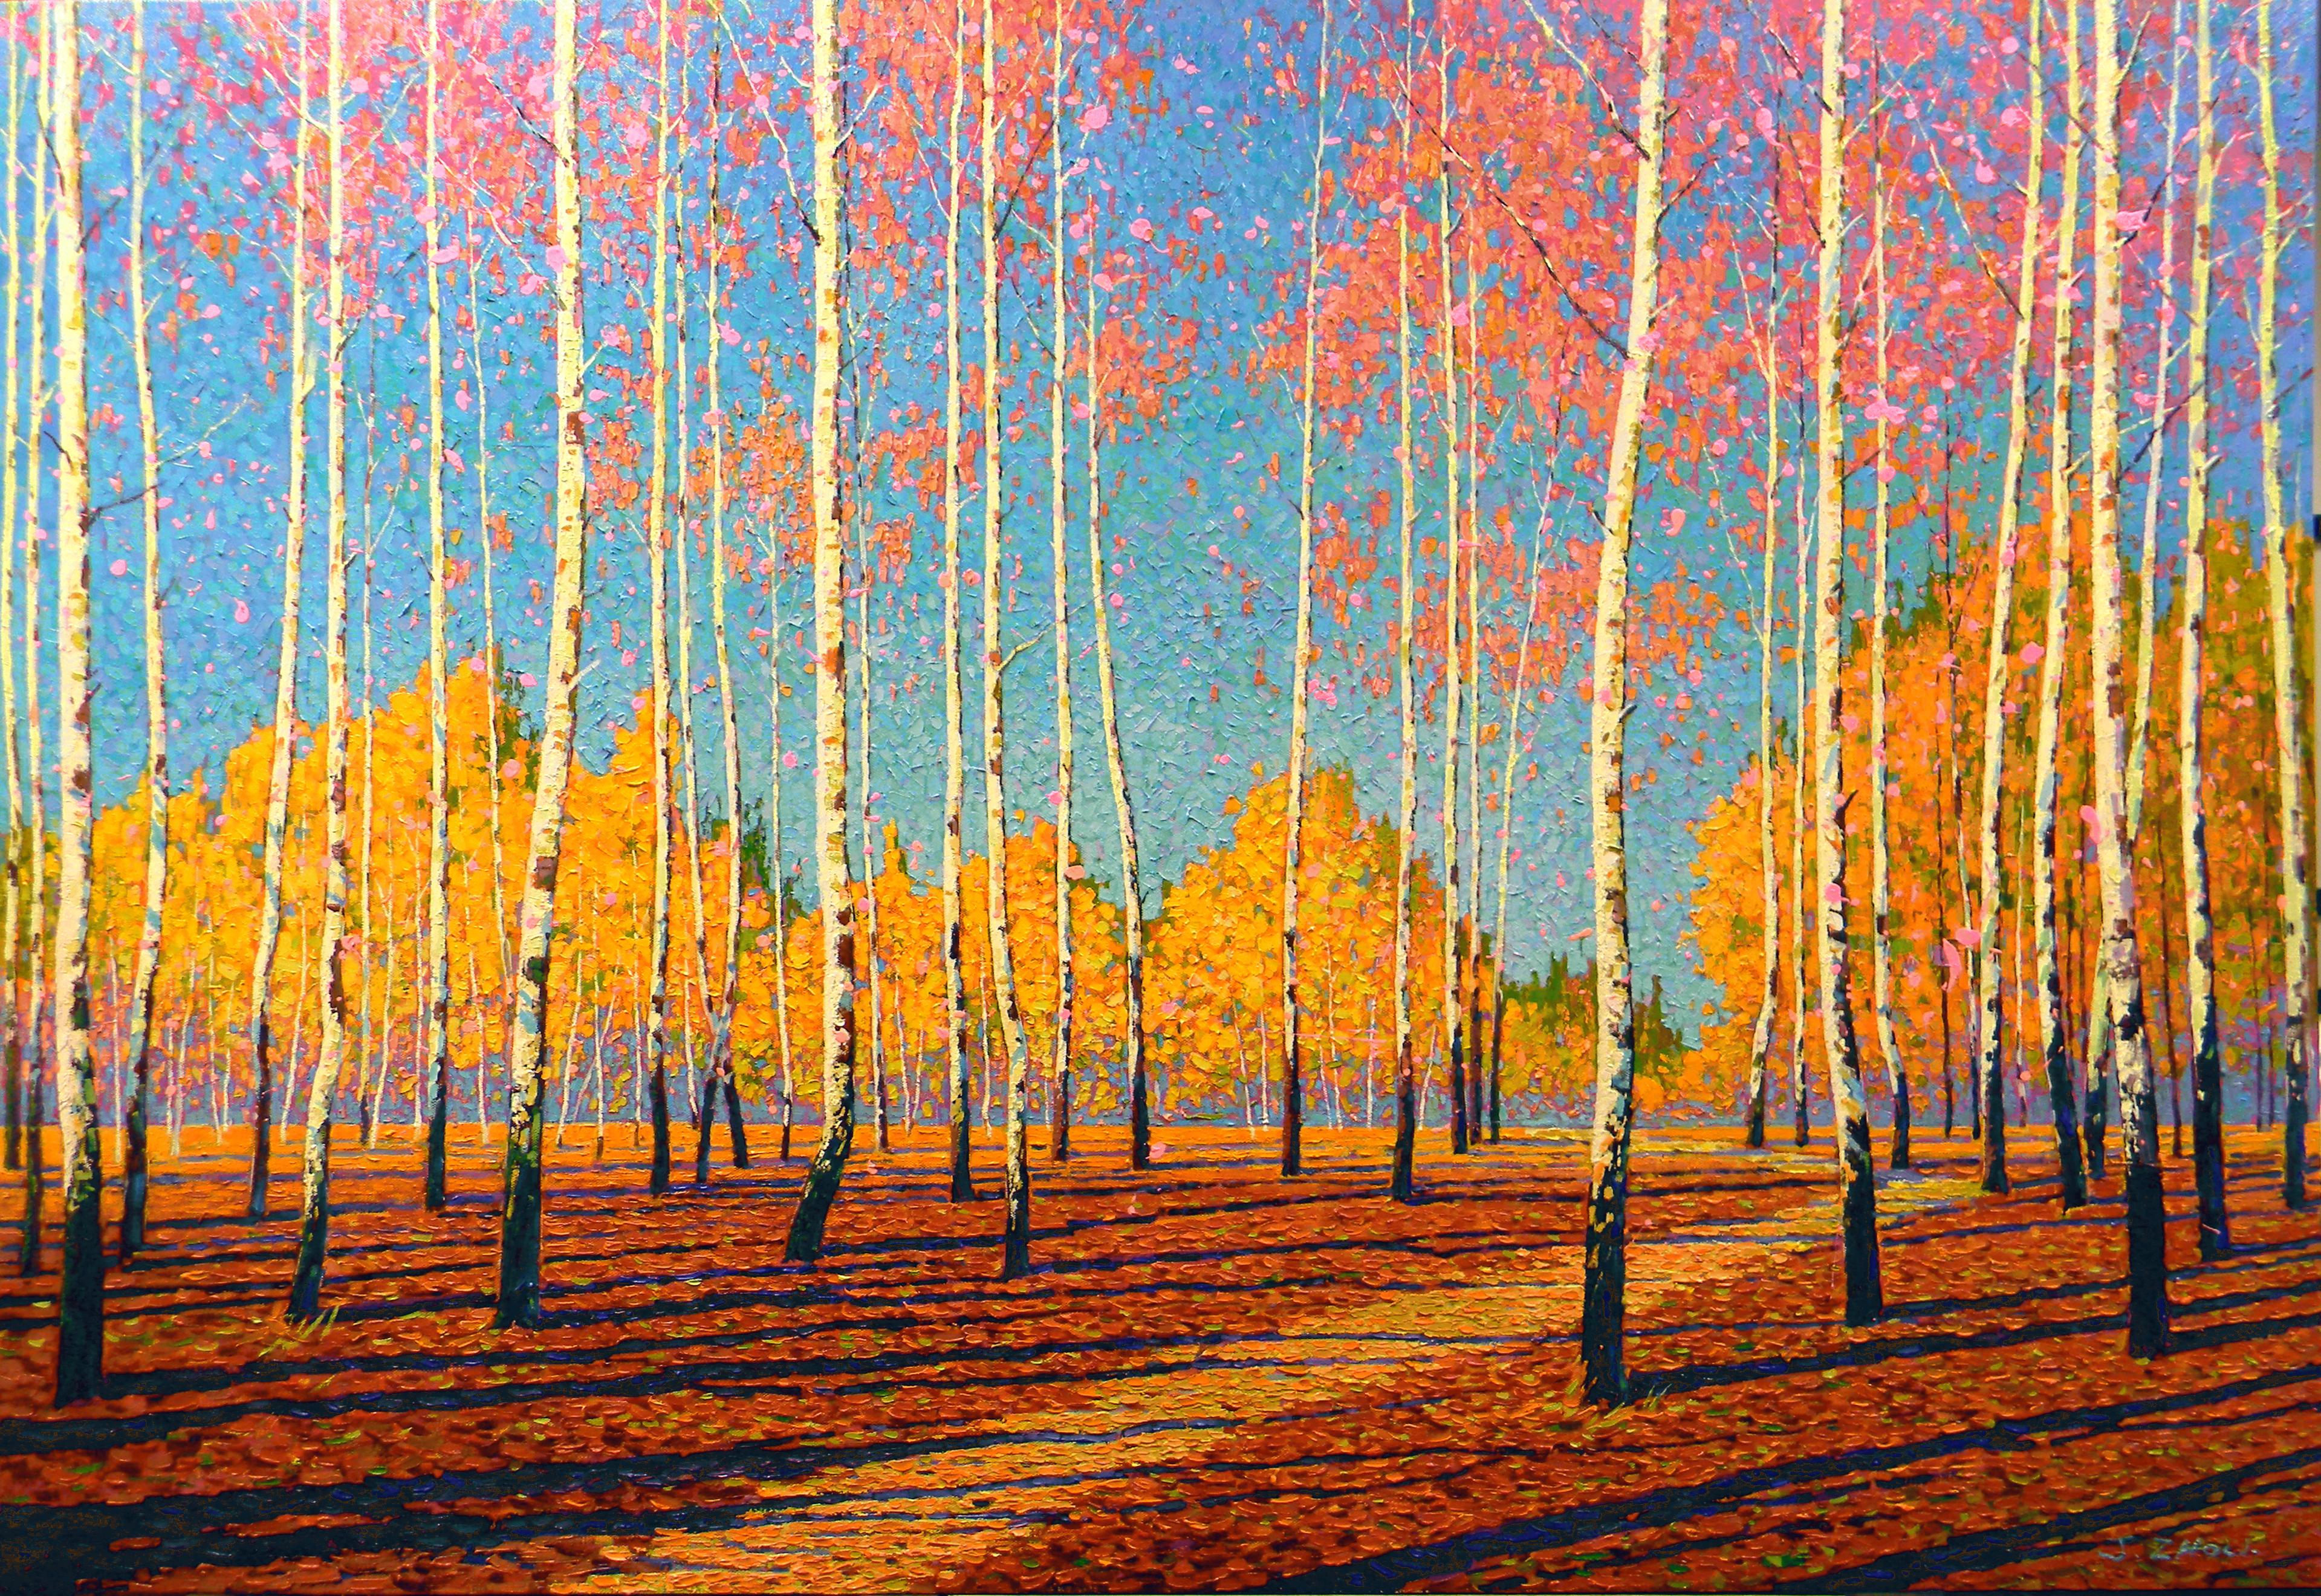 Birch Woods II